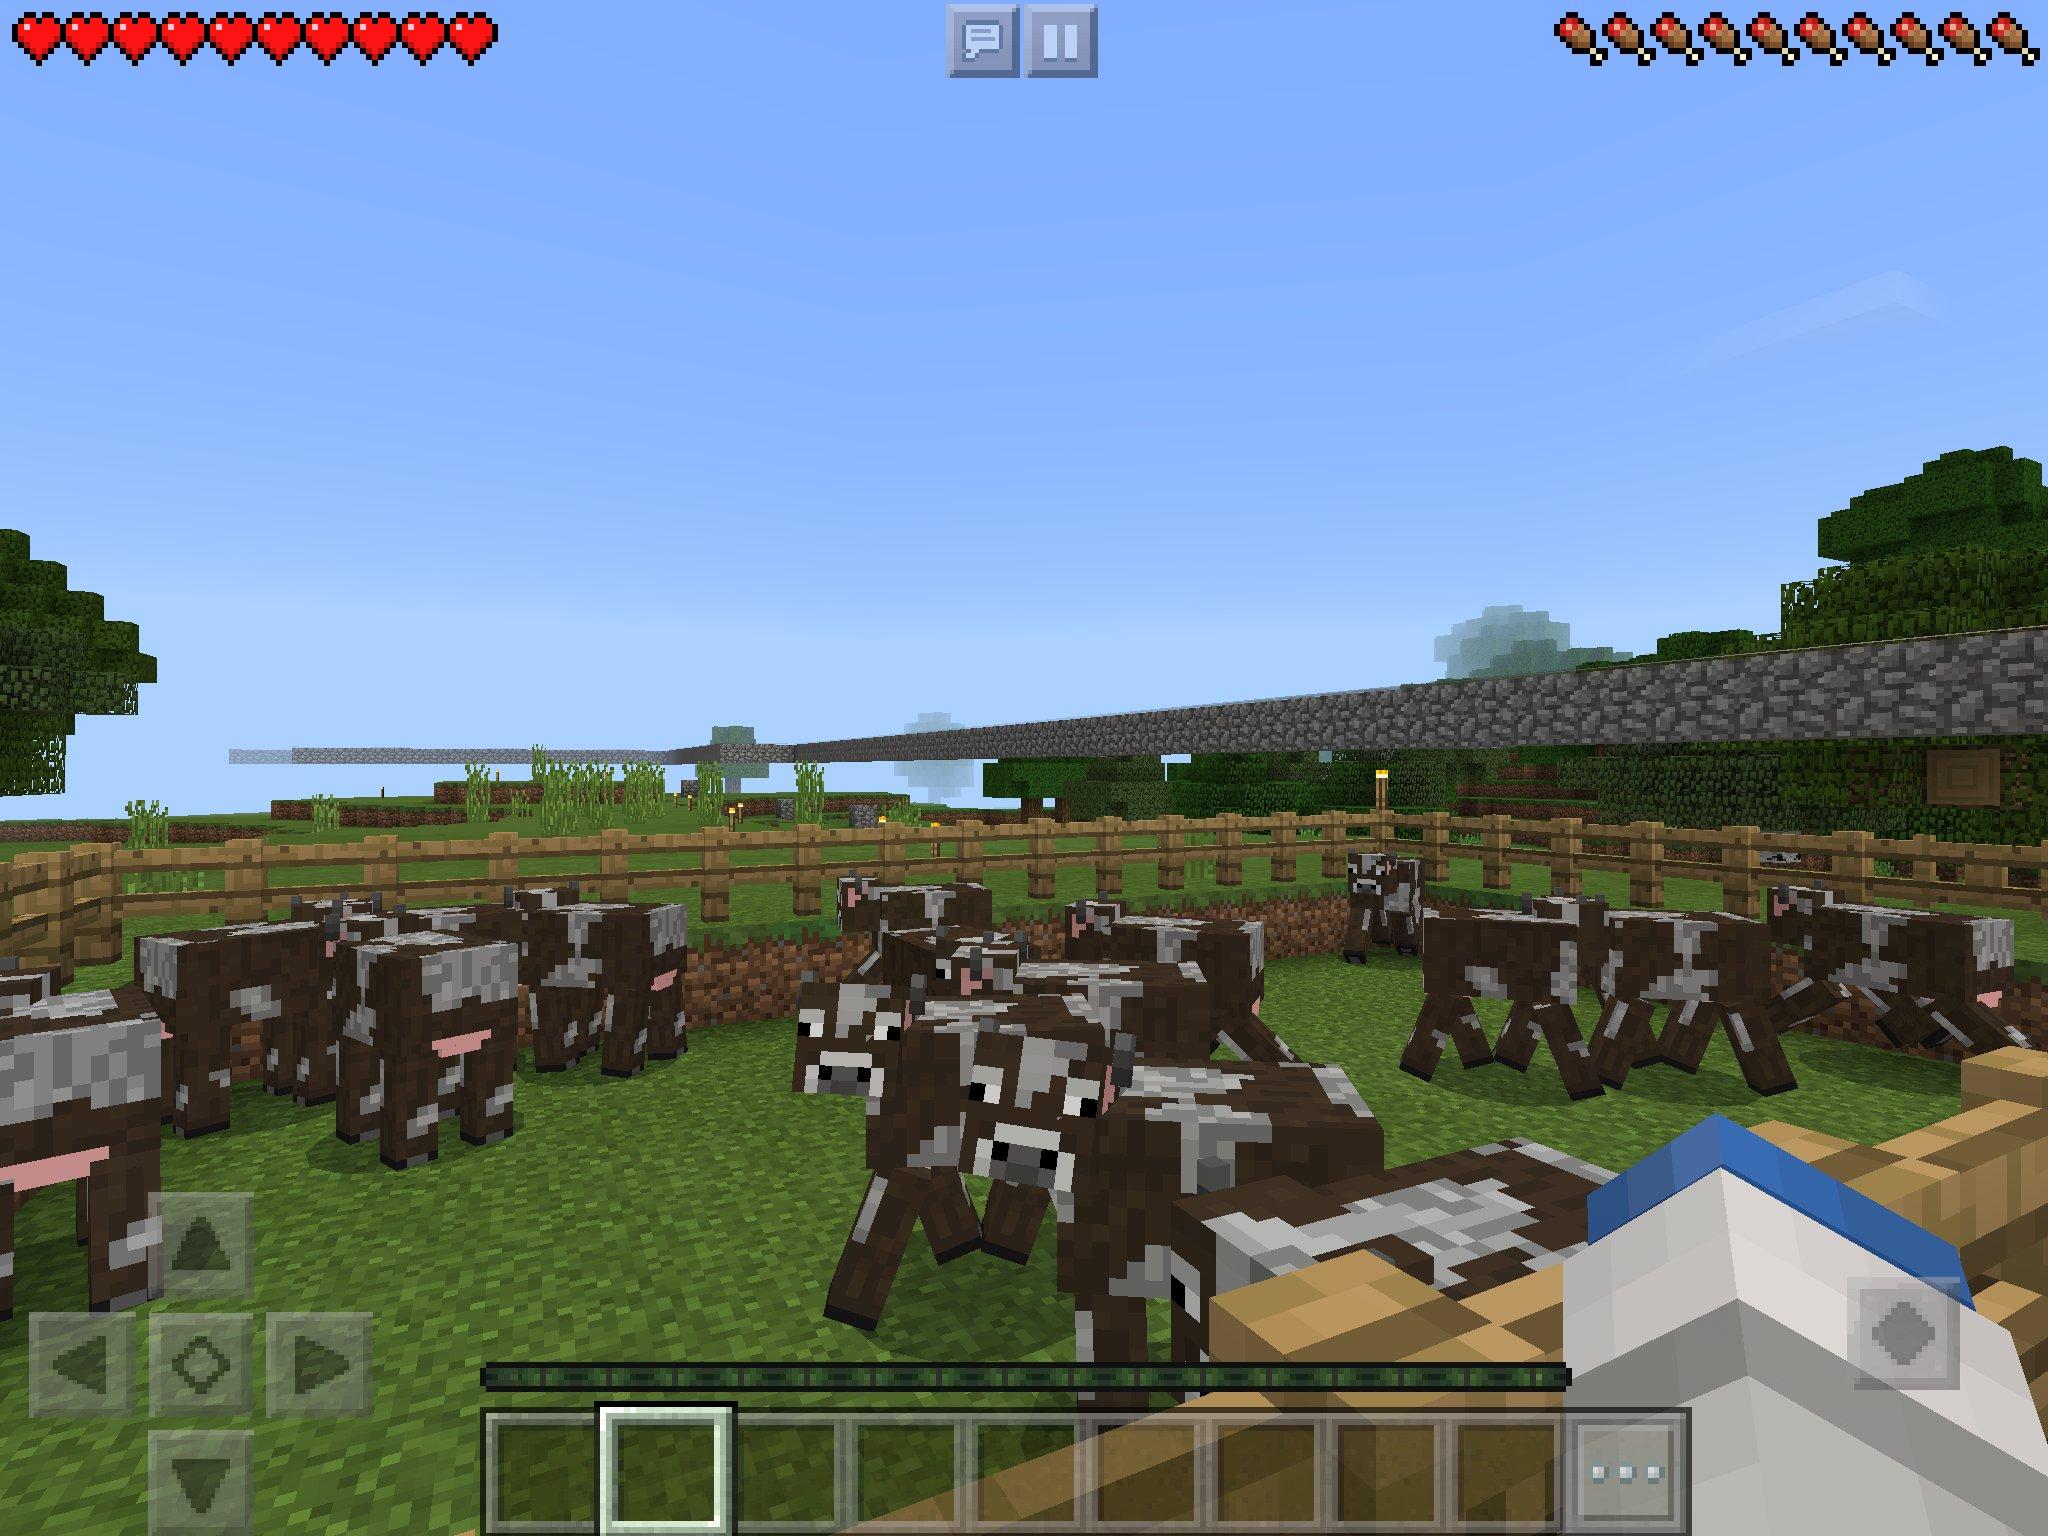 ウチの子が Minecraft で焼肉パーリピーポーのために集めた牛たち。これからみんな焼かれるのにつぶらな瞳でこっちを見てる(`;ω;´) https://t.co/tpKnLFf2xA